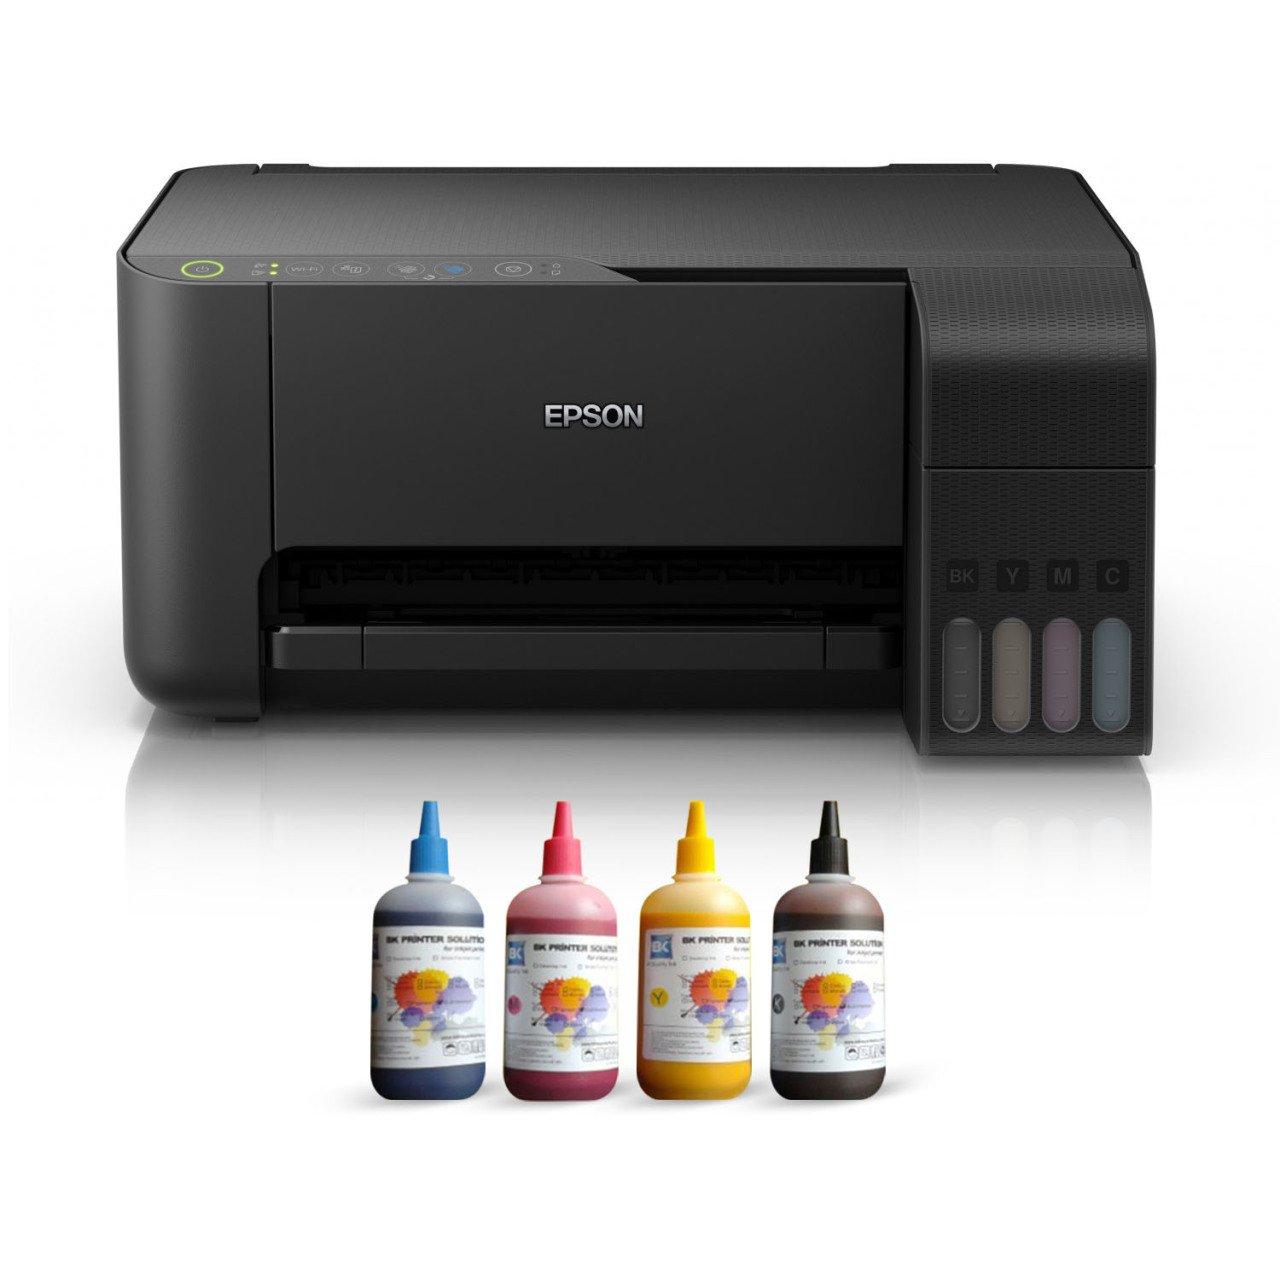 Epson TANK ITS L3150 Sublimation Ink Printer 4 Color Ending Catridges